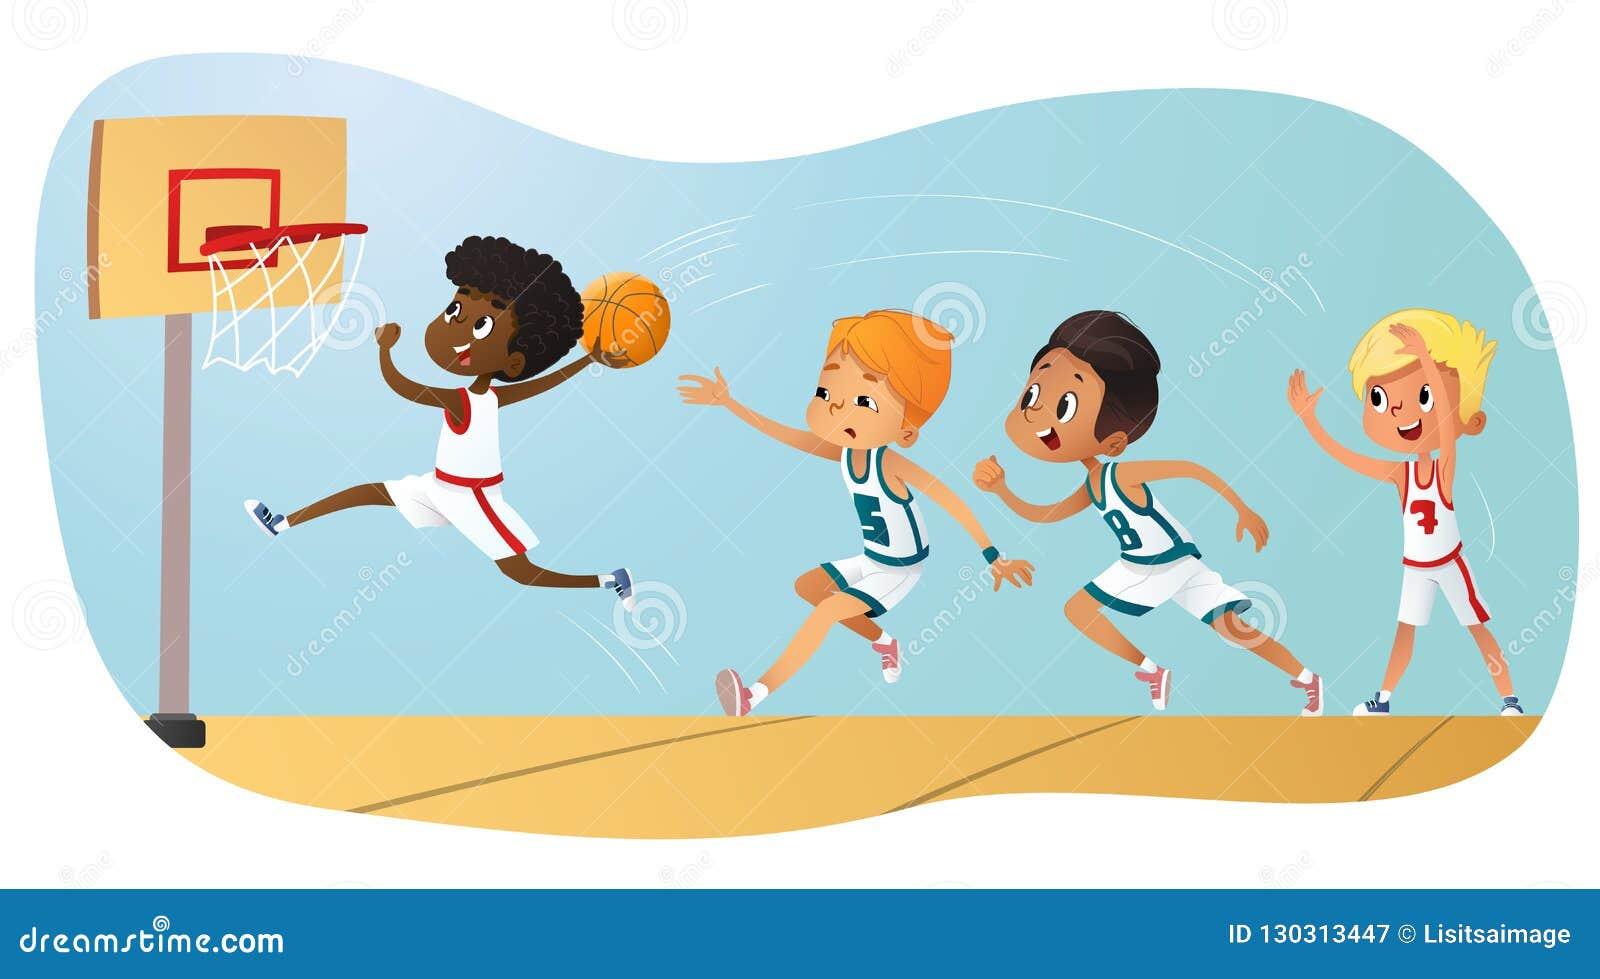 Illustration de vecteur des enfants jouant le basket-ball Team Playing Game Concurrence d équipe